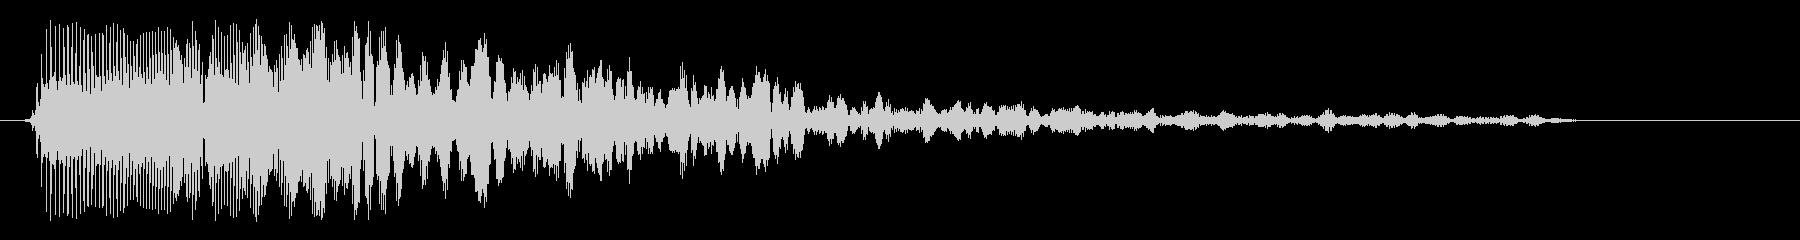 ポワン(ファンシーでにぎやかな決定音)の未再生の波形